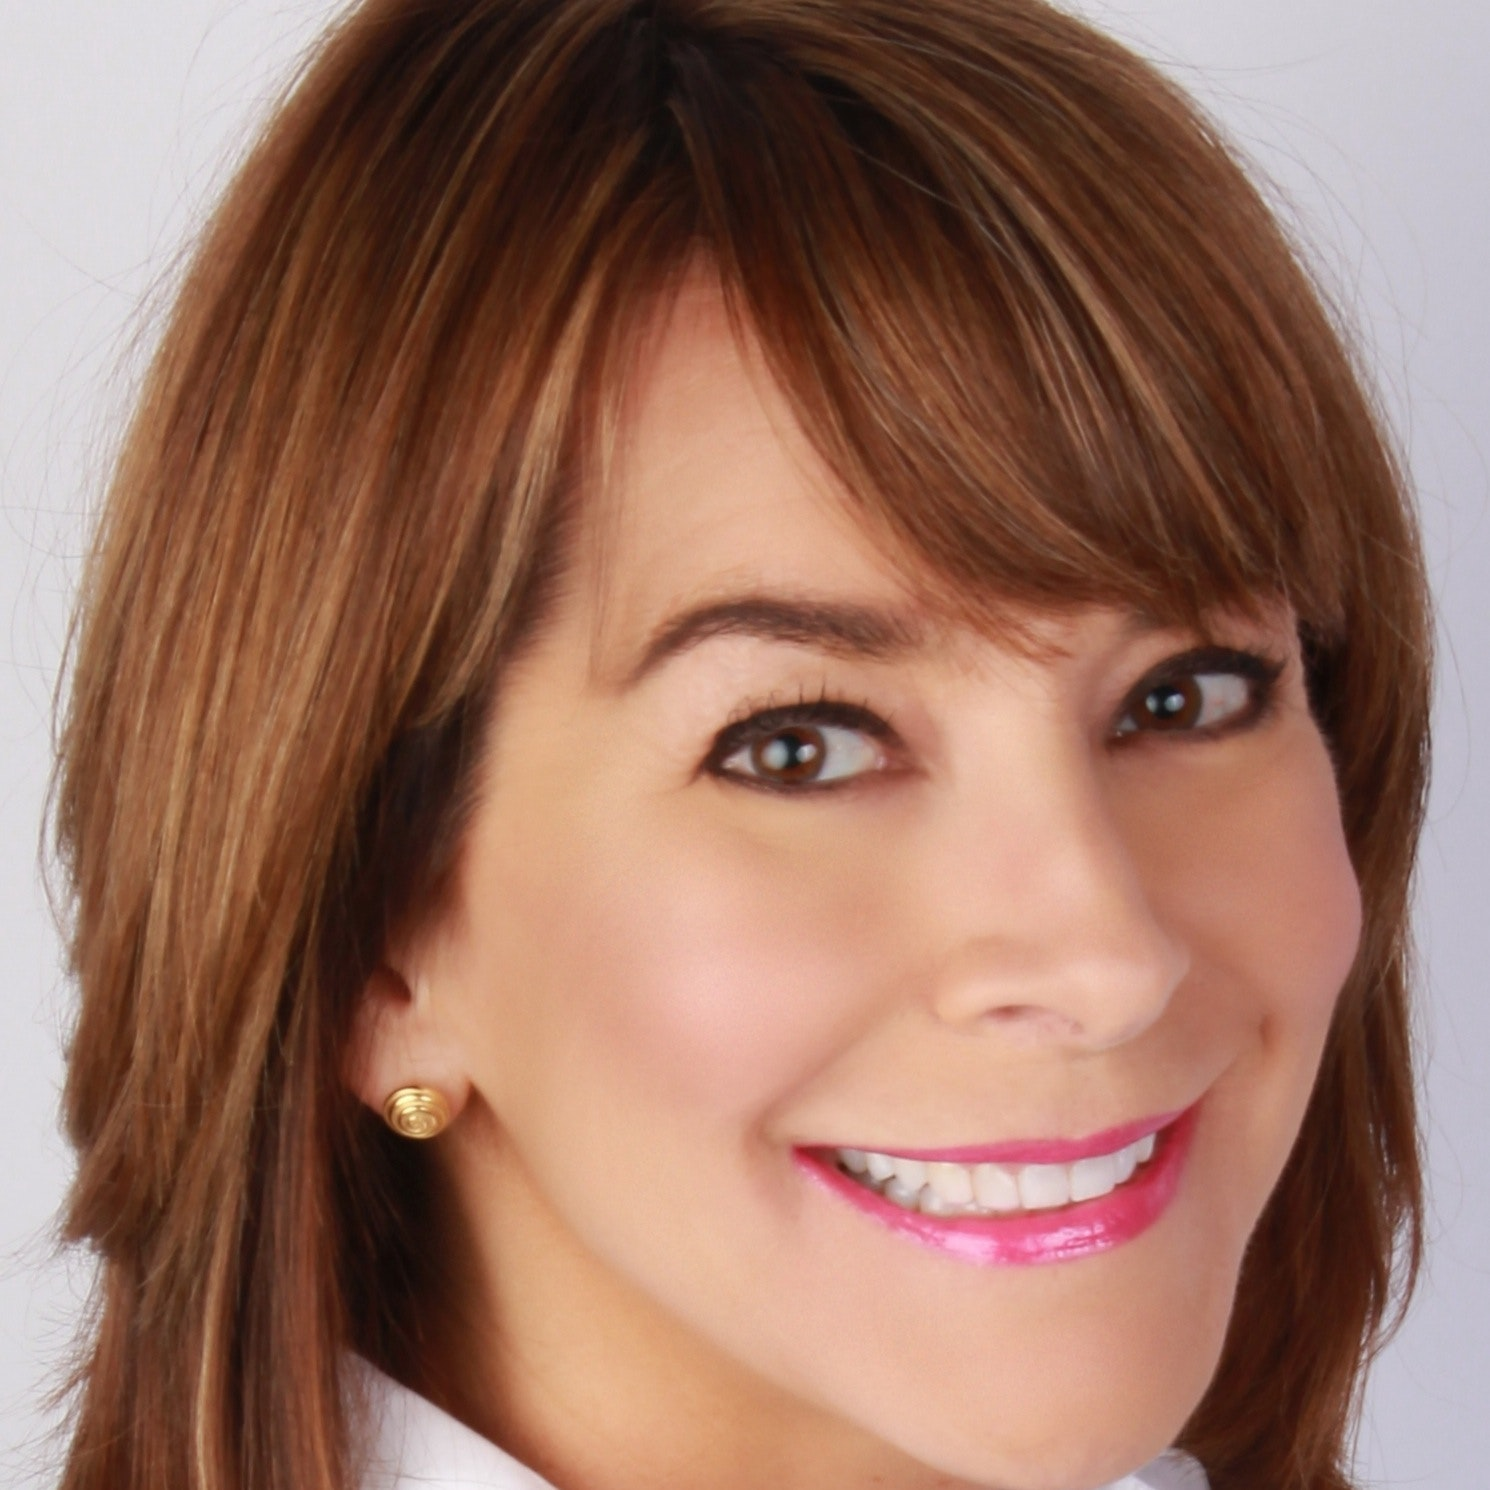 Joanne D.